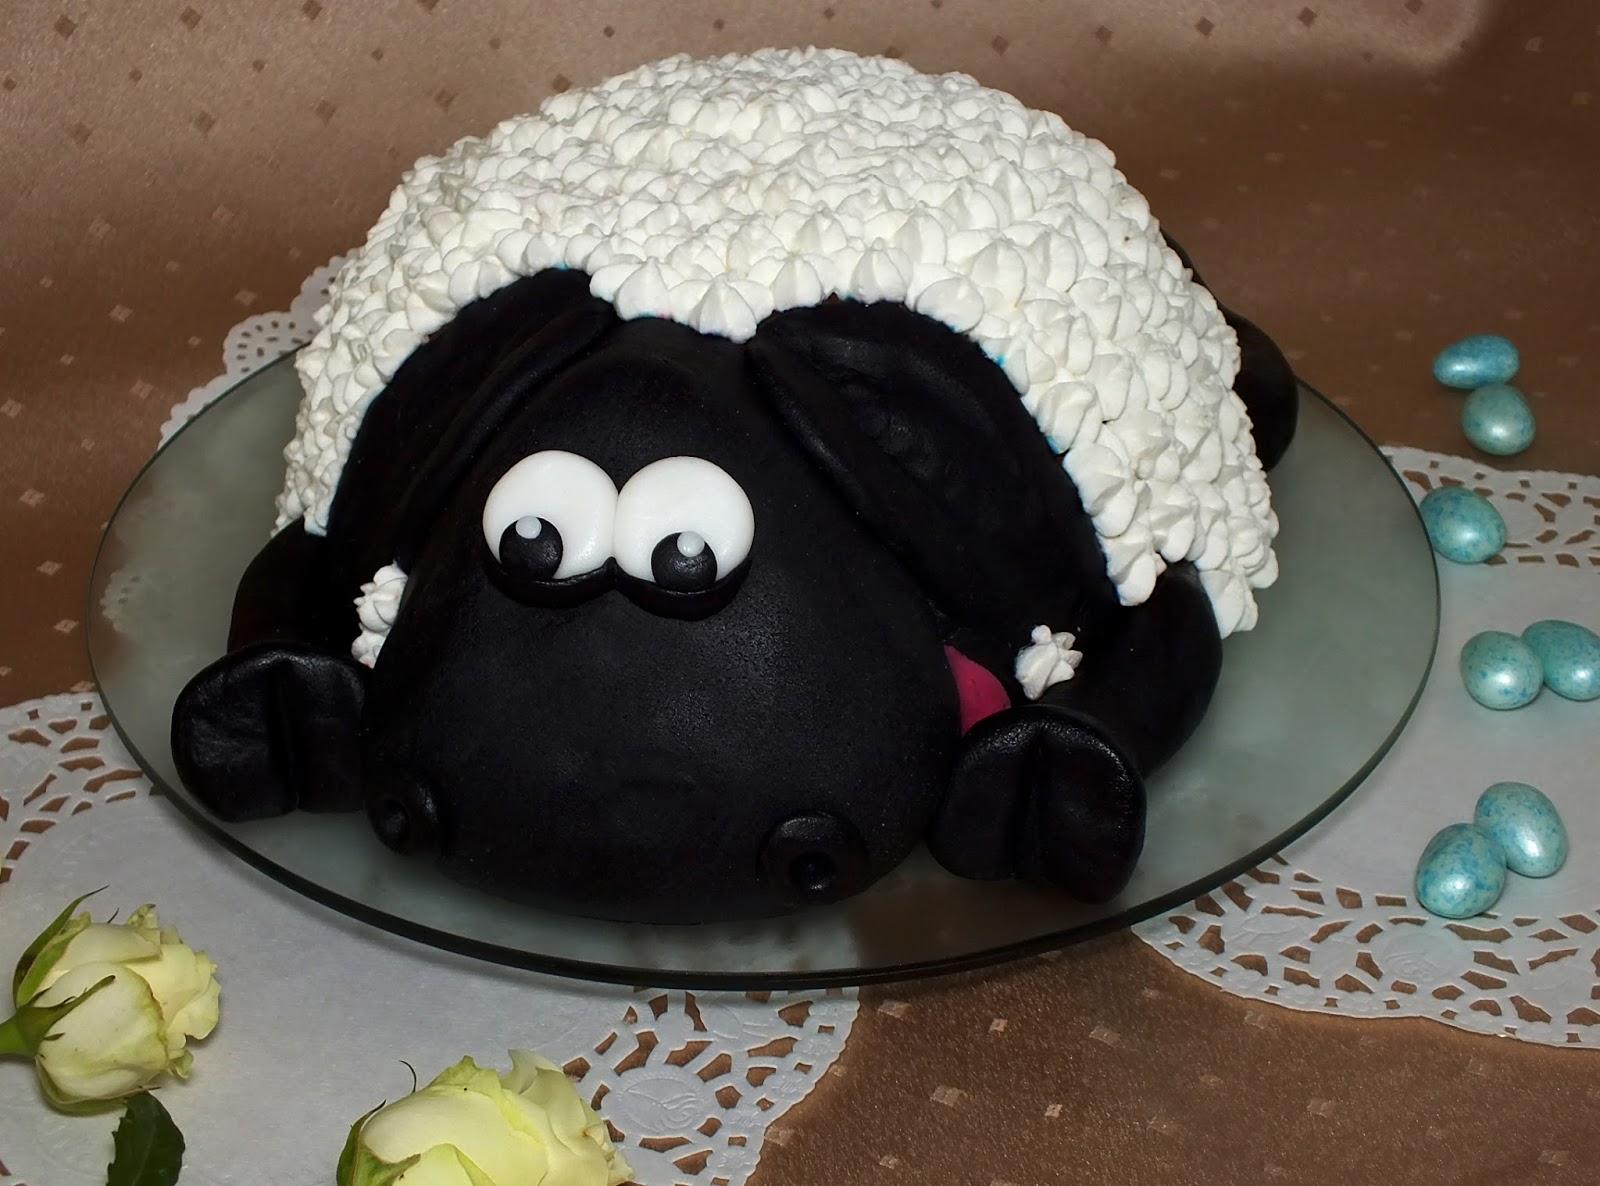 bárány torta képek Shaun a bárány torta   GasztroBlogok.hu bárány torta képek